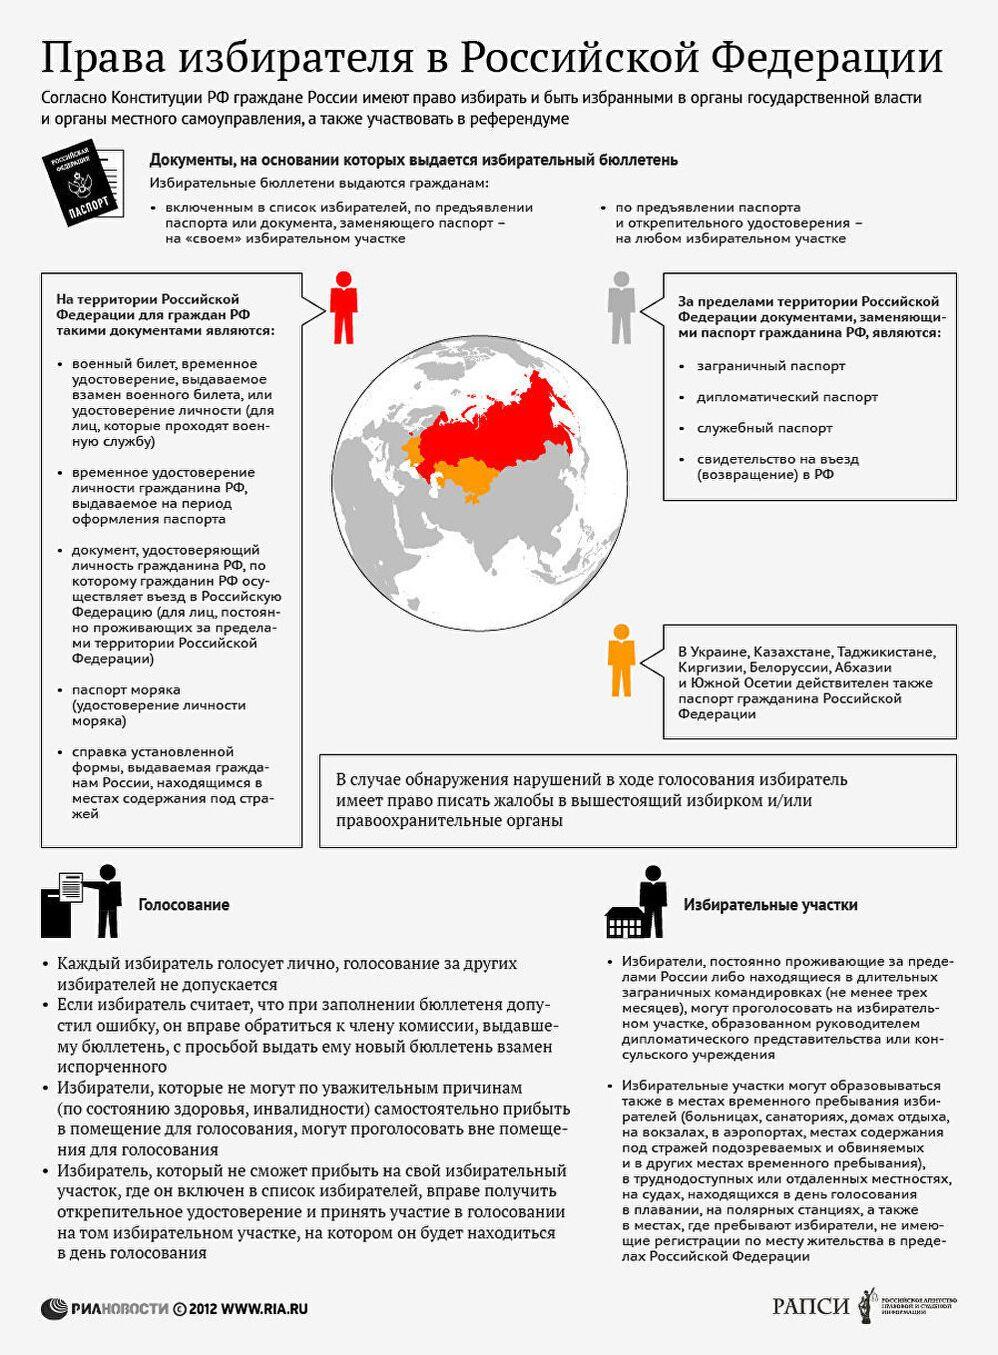 Права избирателя Российской Федерации